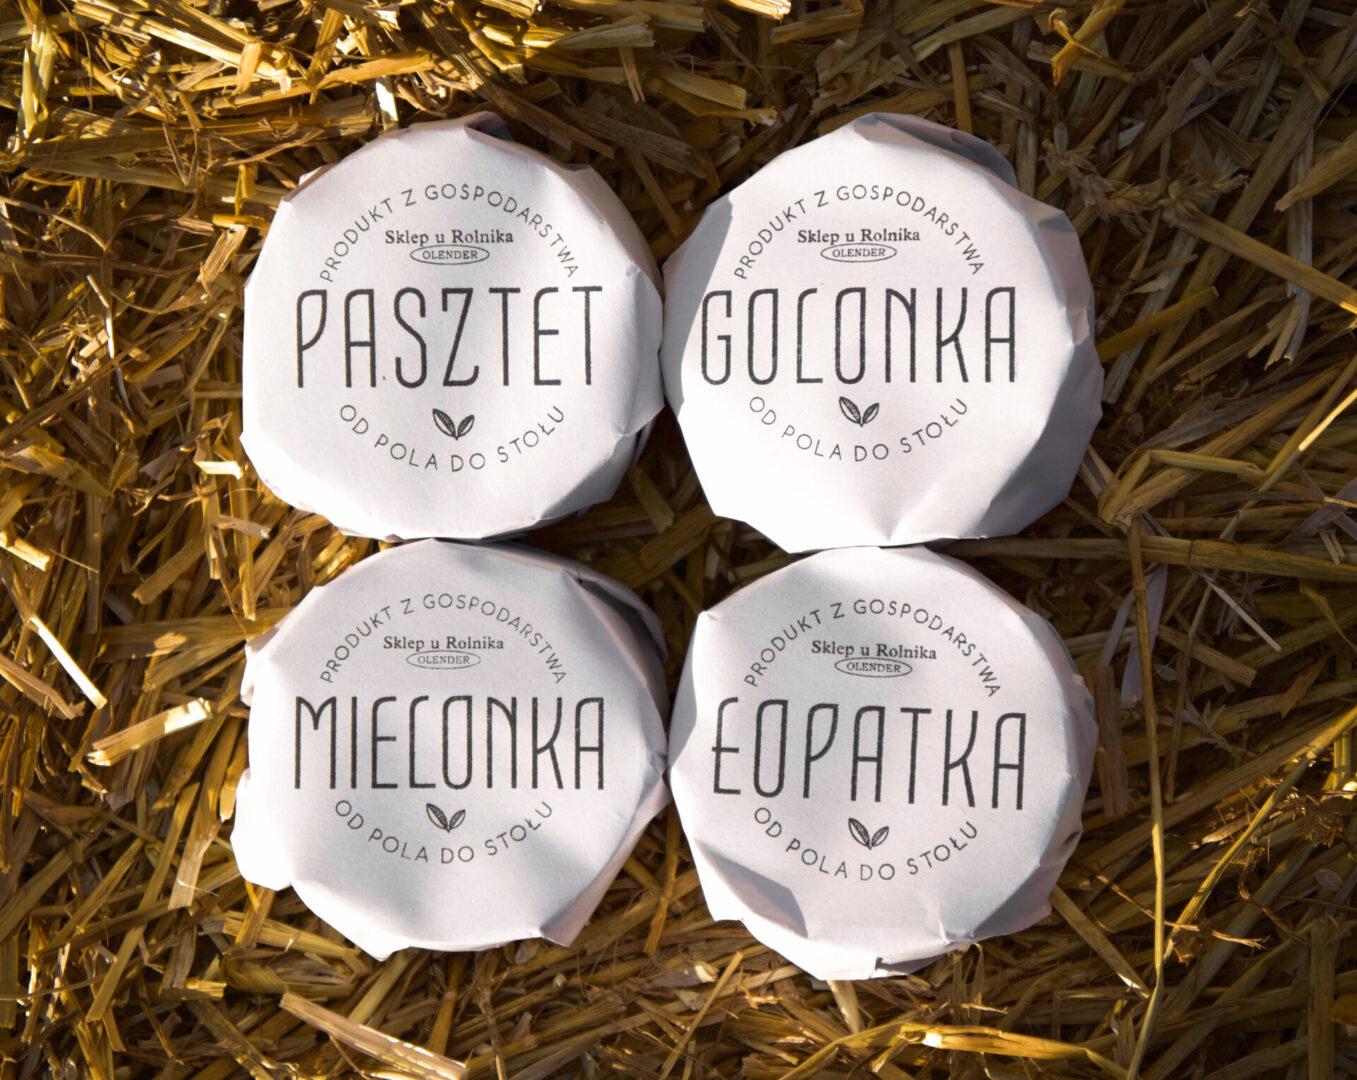 """Sklep u Rolnika """"Olender"""" - tradycyjne mięso, wędliny, pieczywo i produkty, stoły wiejskie"""